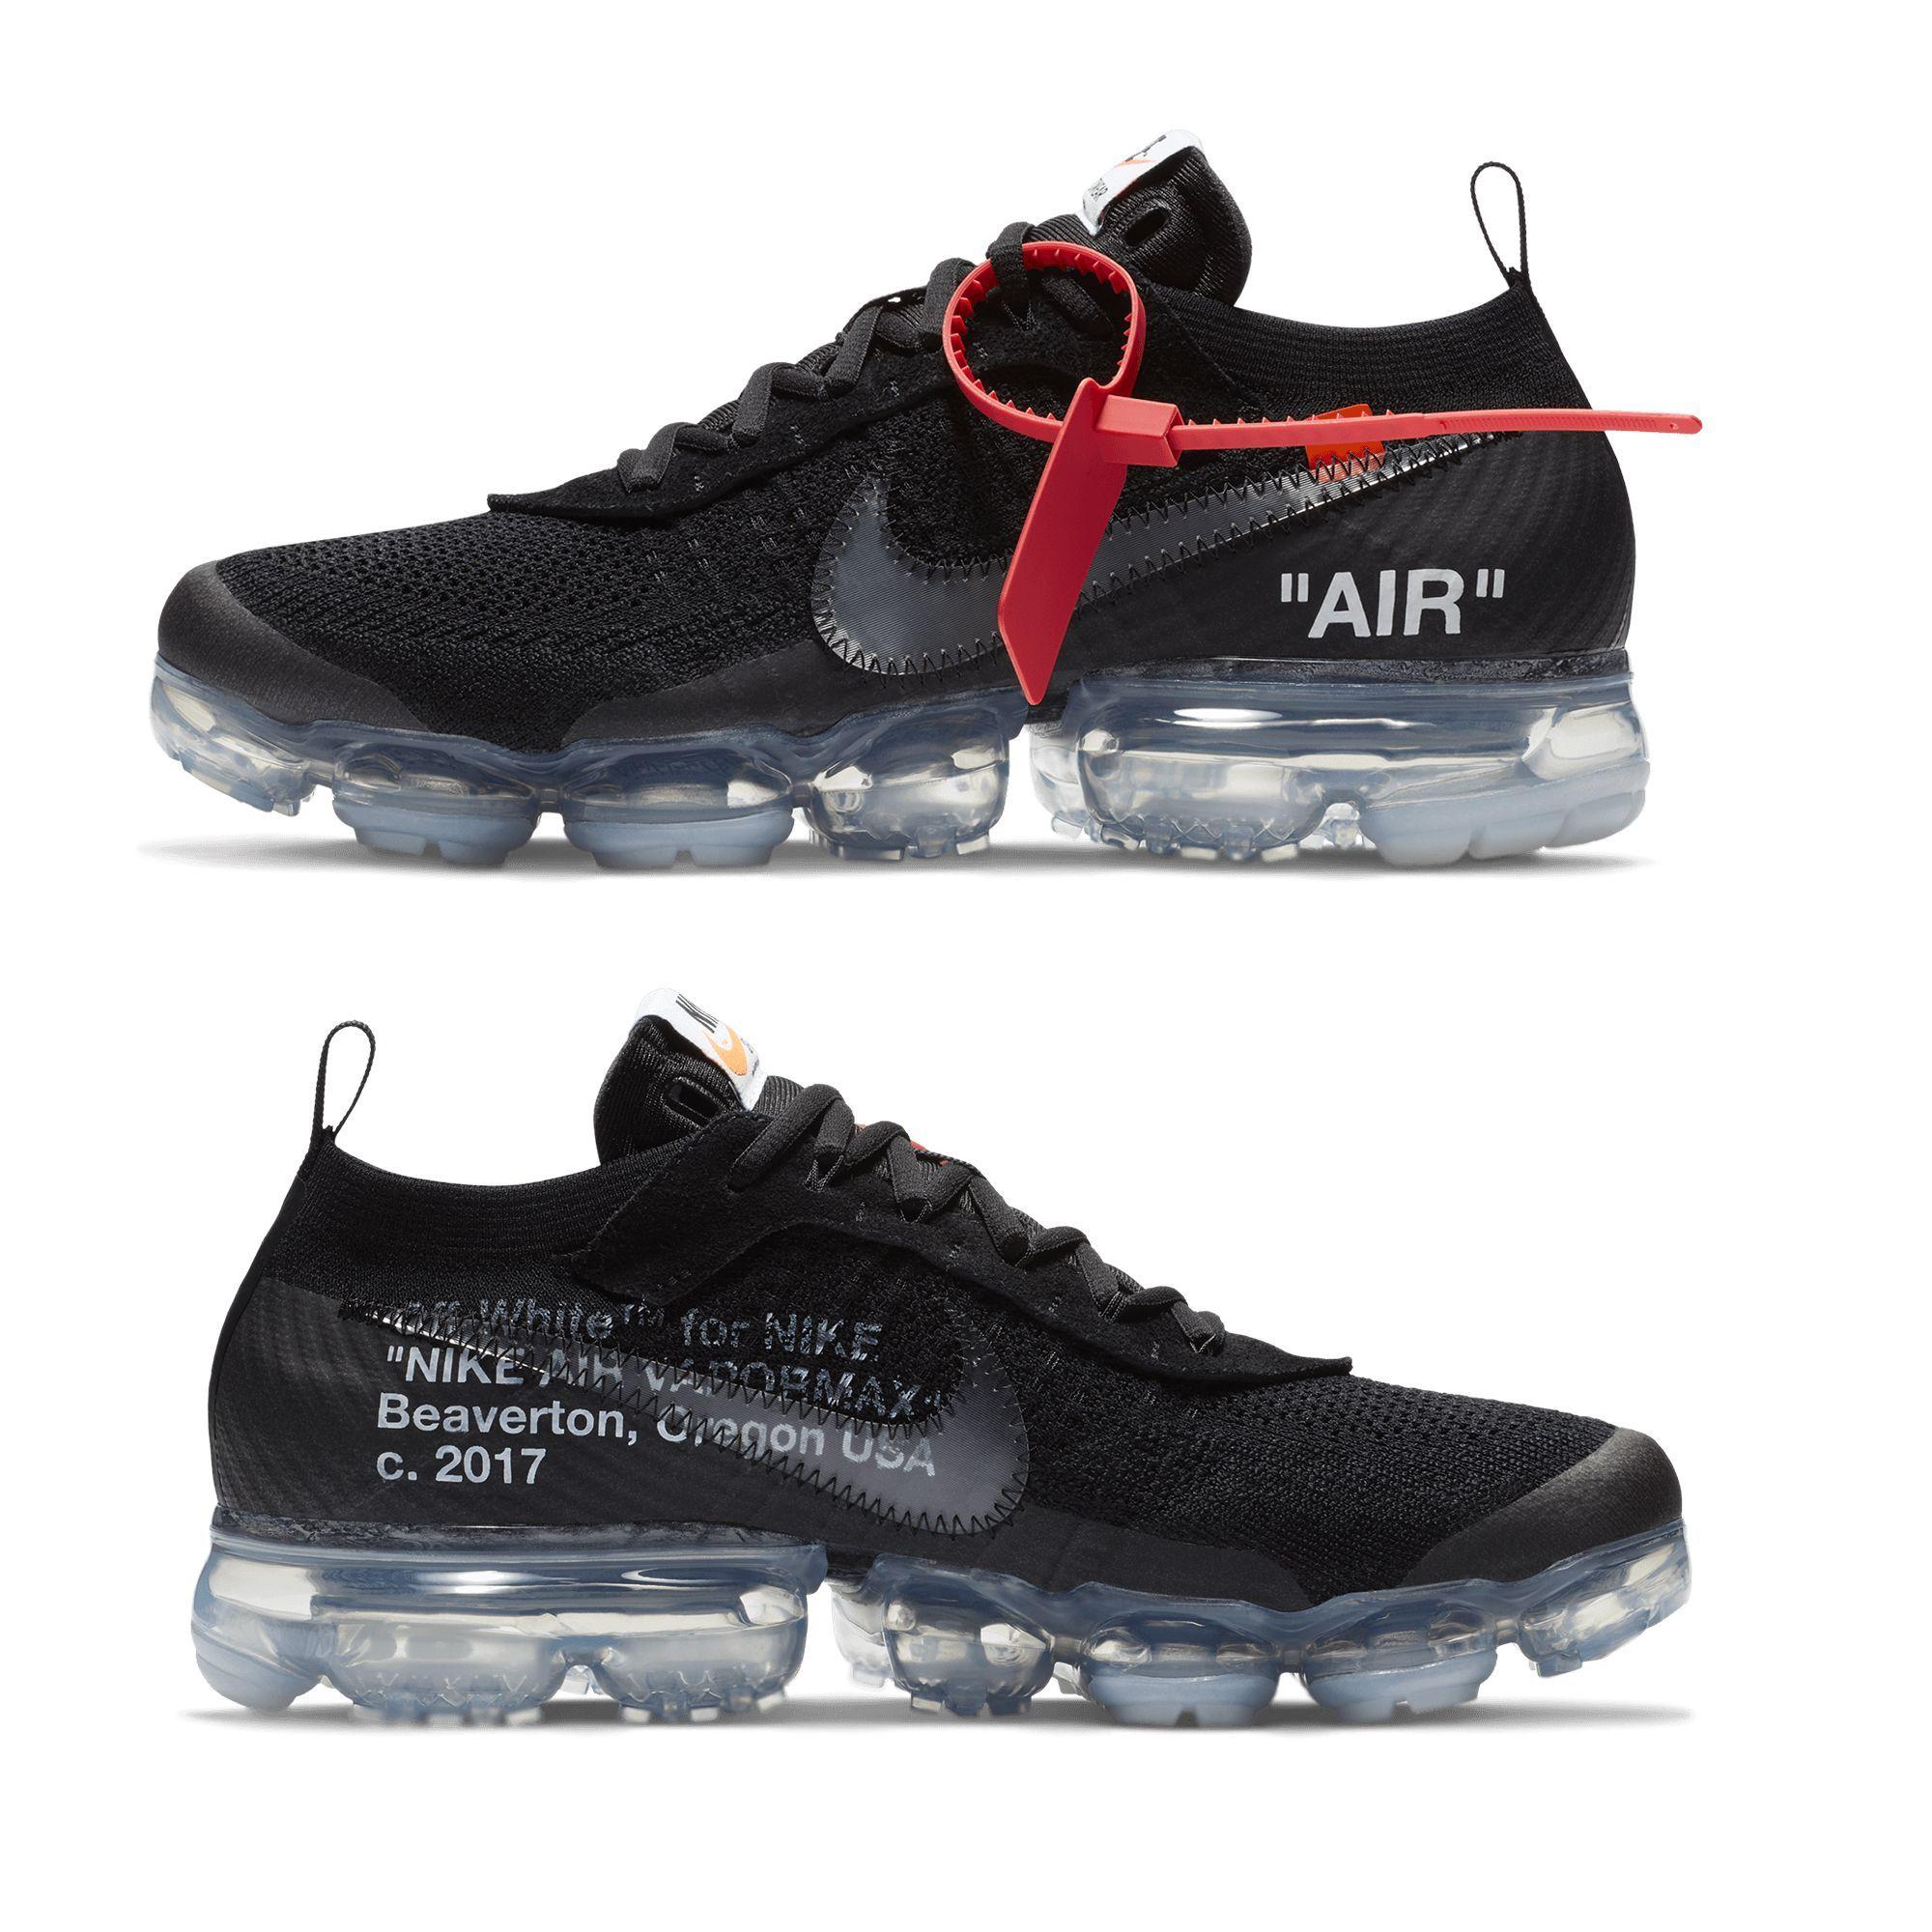 Off White X Nike Air Vapormax Black Grailify Sneaker Releases Shoes Sneakers Nike Sneakers Nike Air